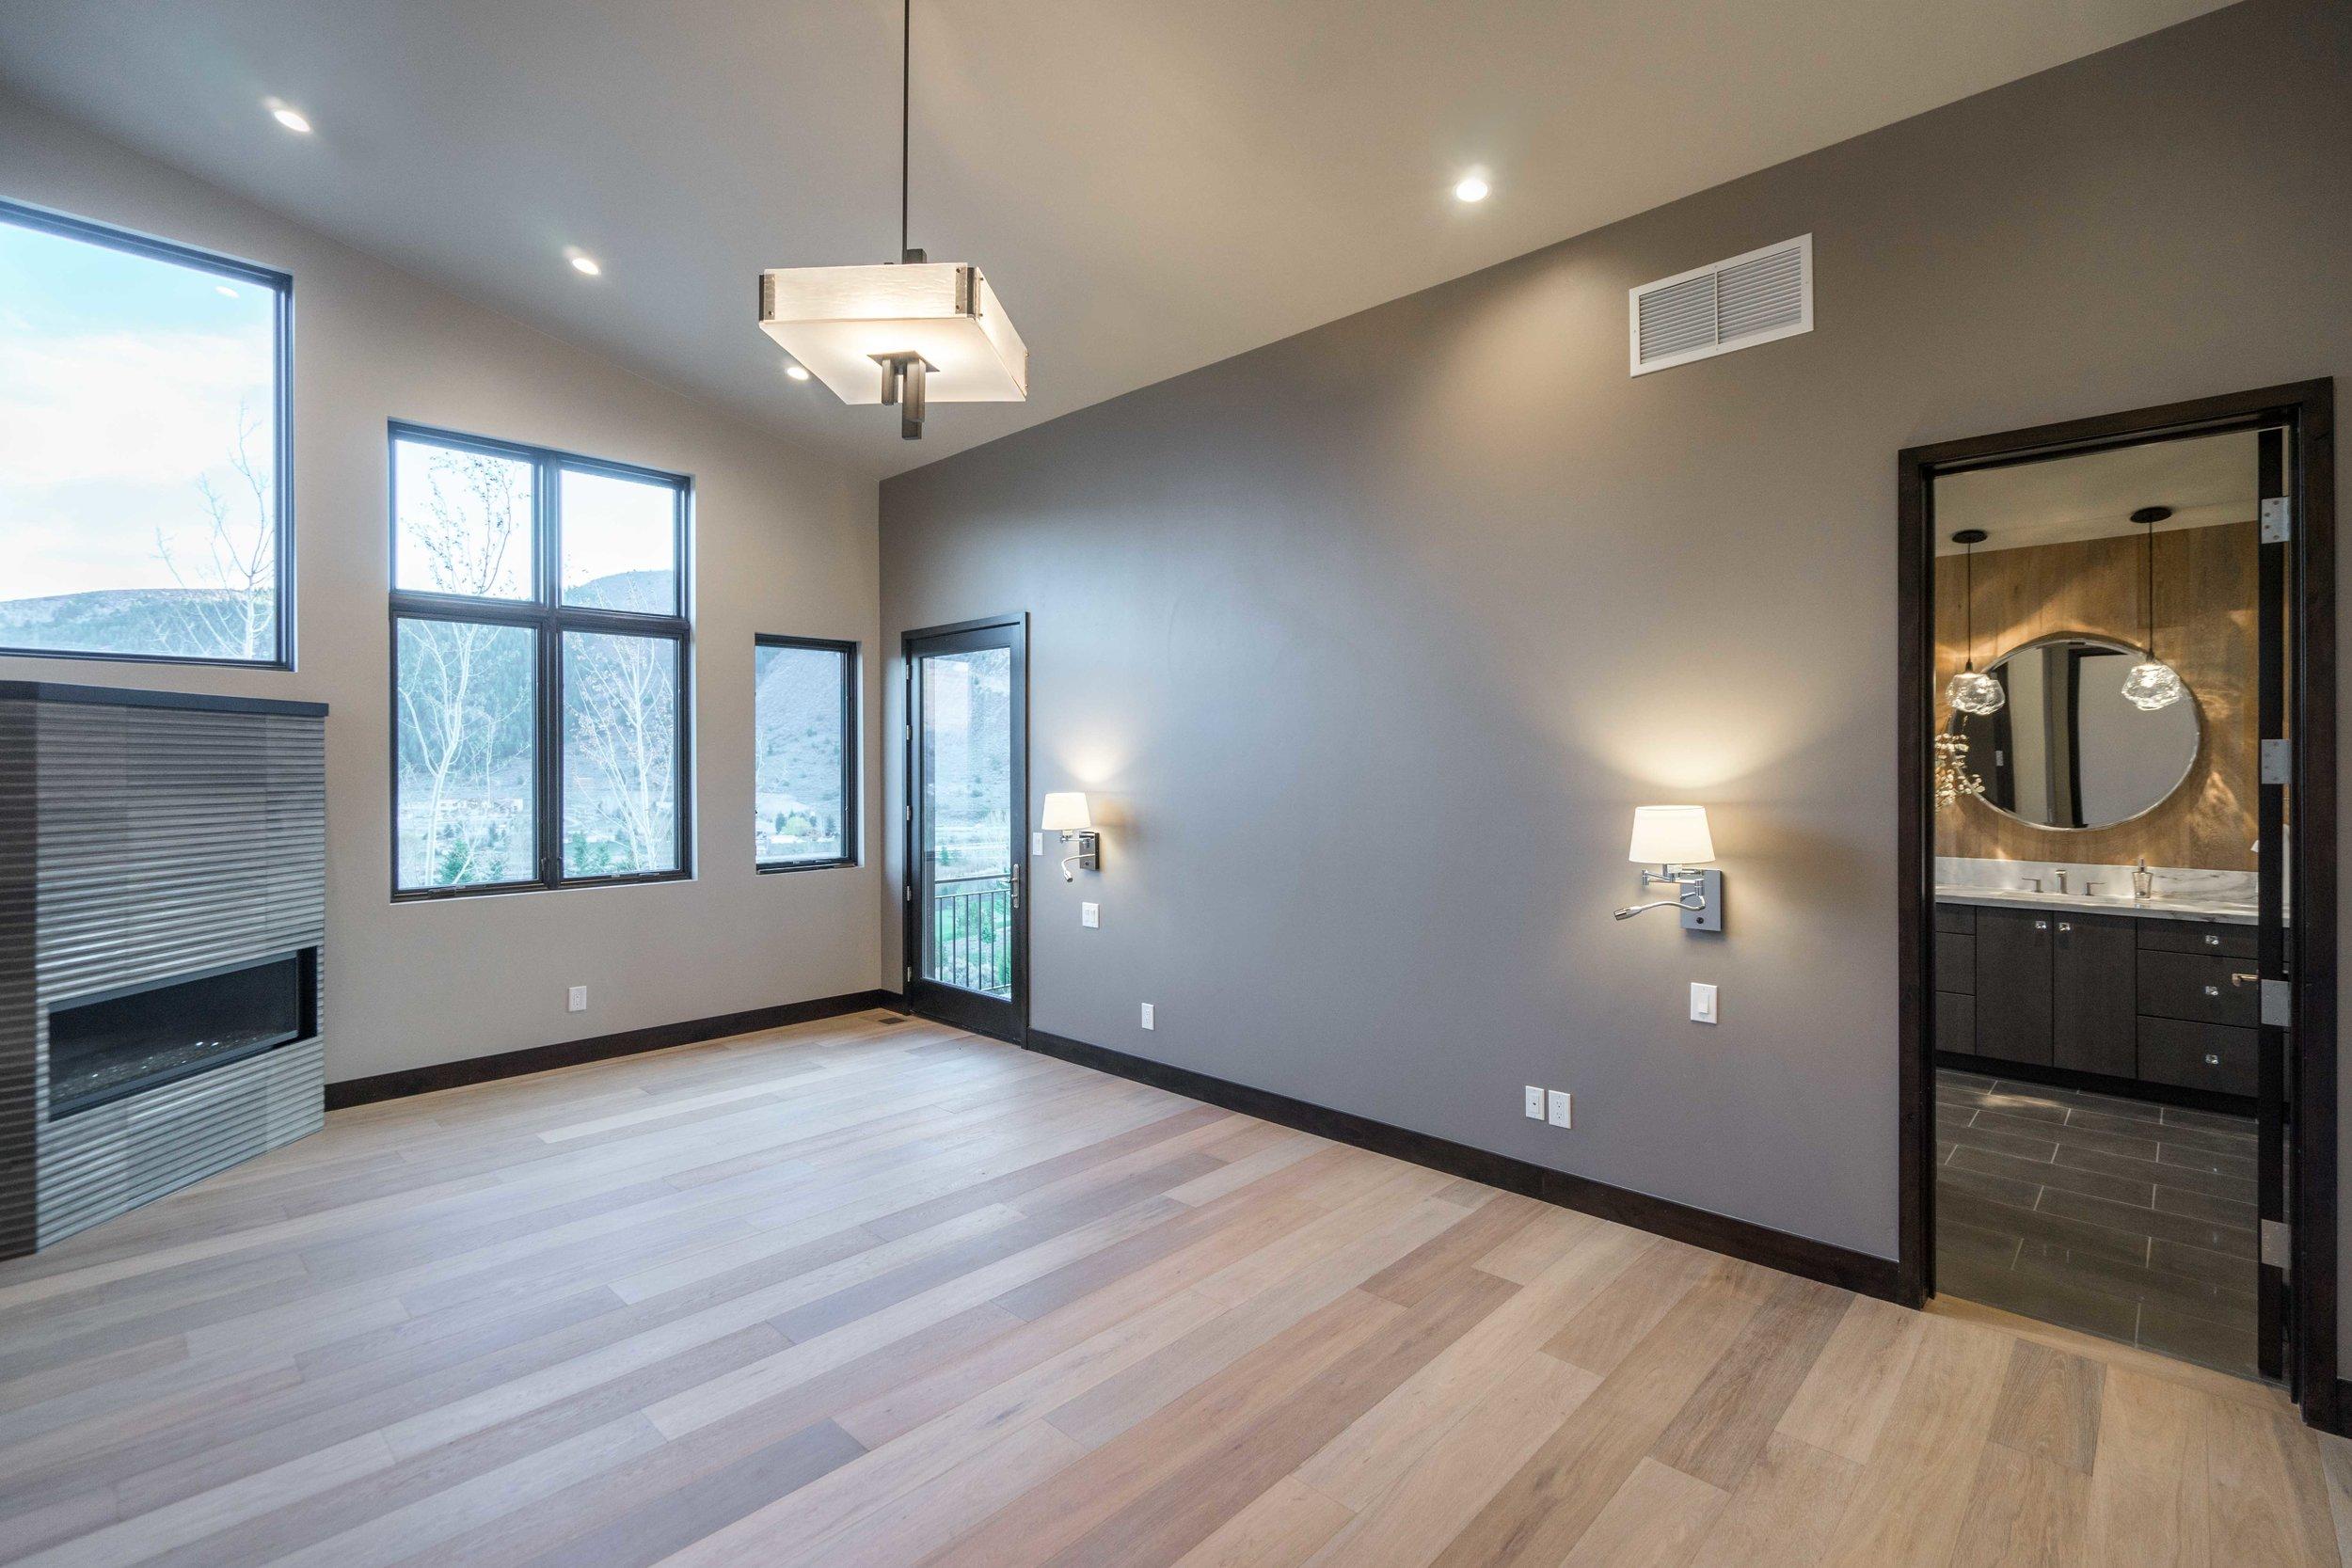 lot8-master bedroom.jpg